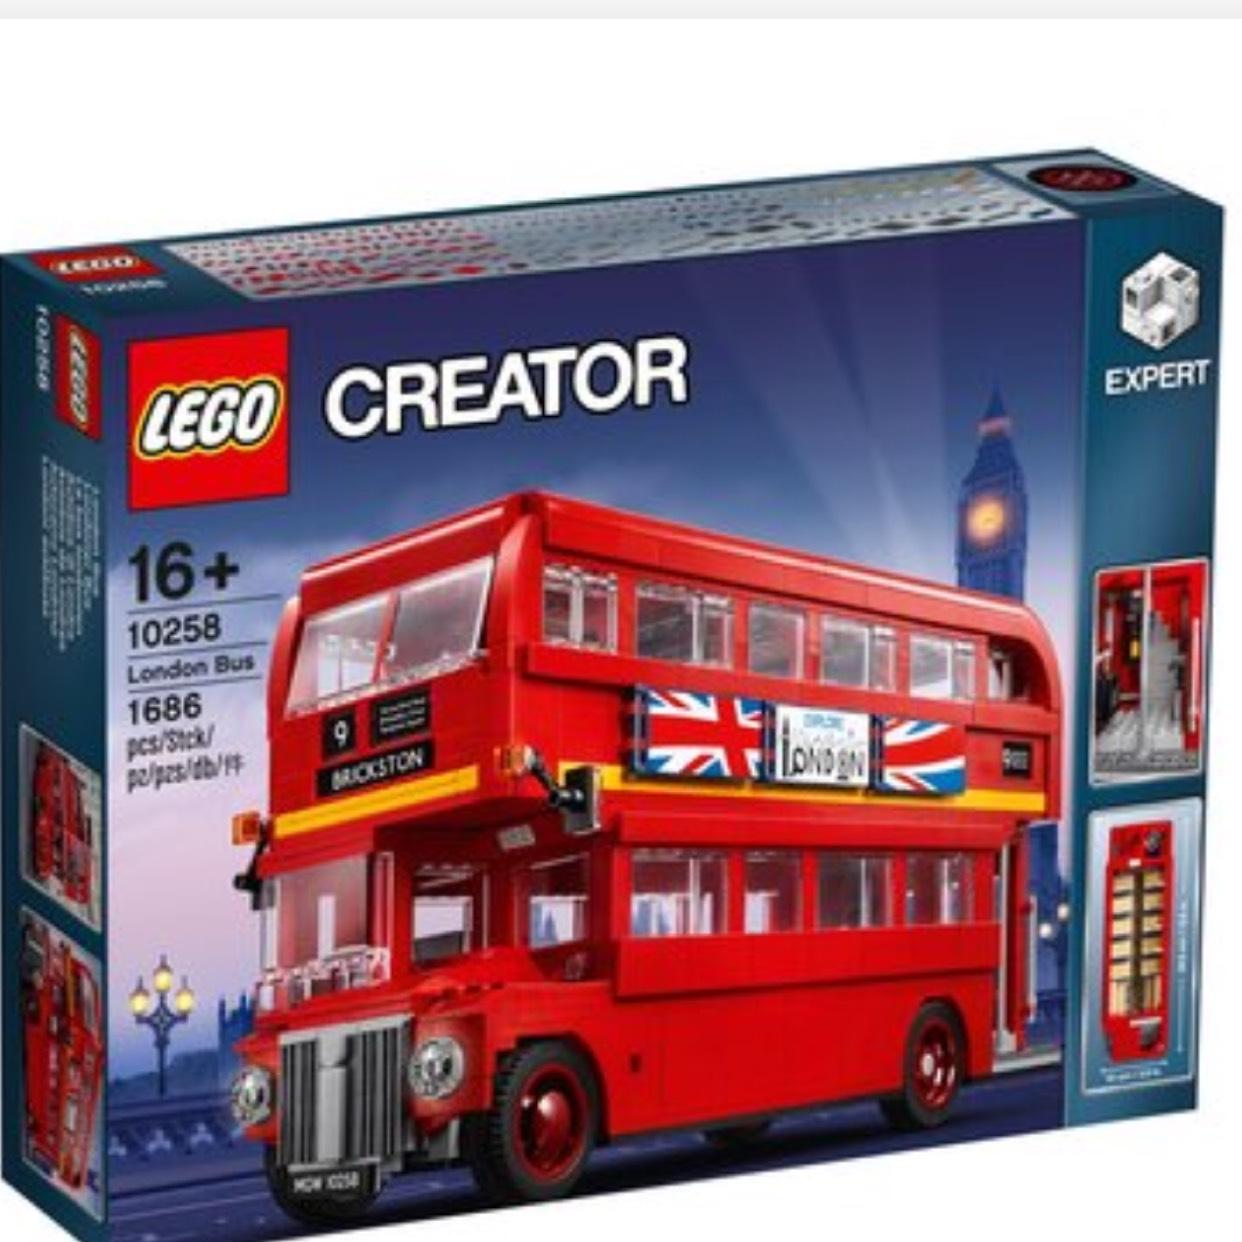 Lego Creator 10258 London Bus £99.99 @ Smyths toys